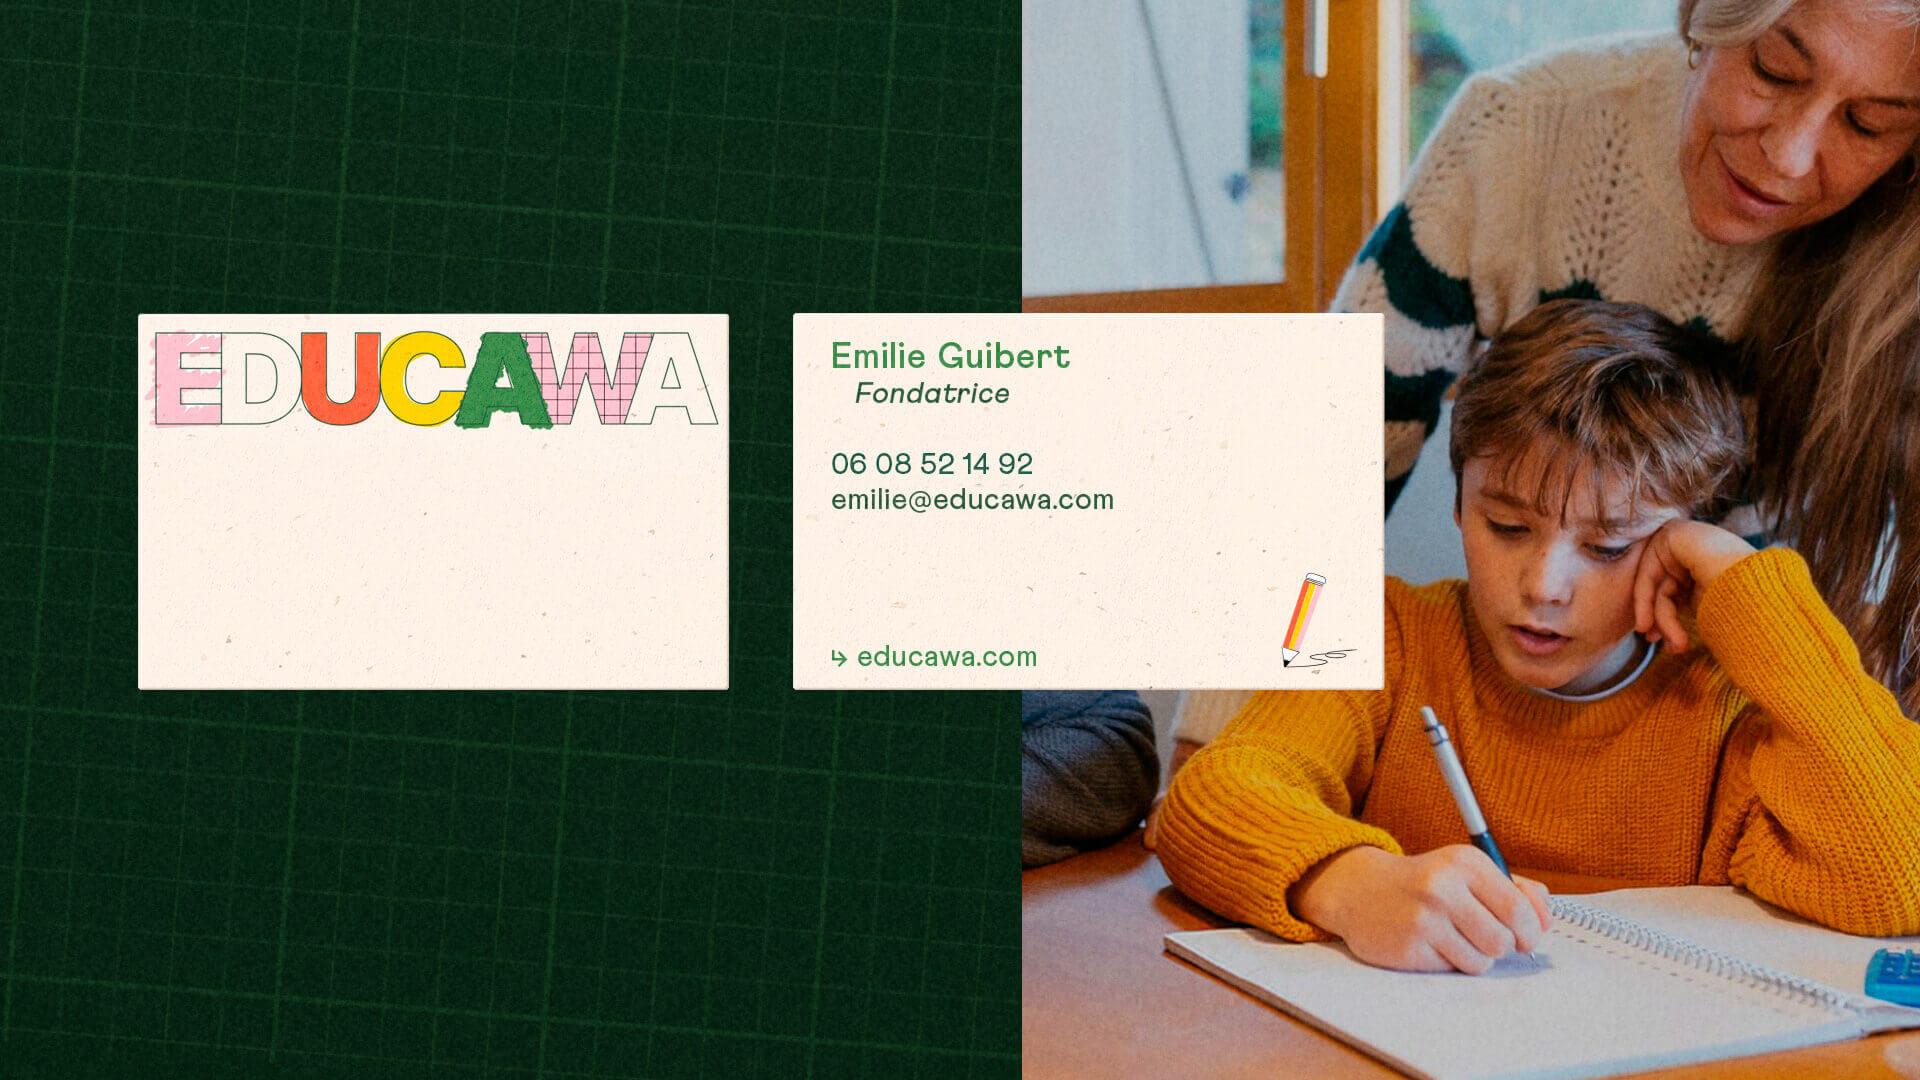 Educawa-Design-Logotype-Antoine-Peltier-Graphiste-03-1